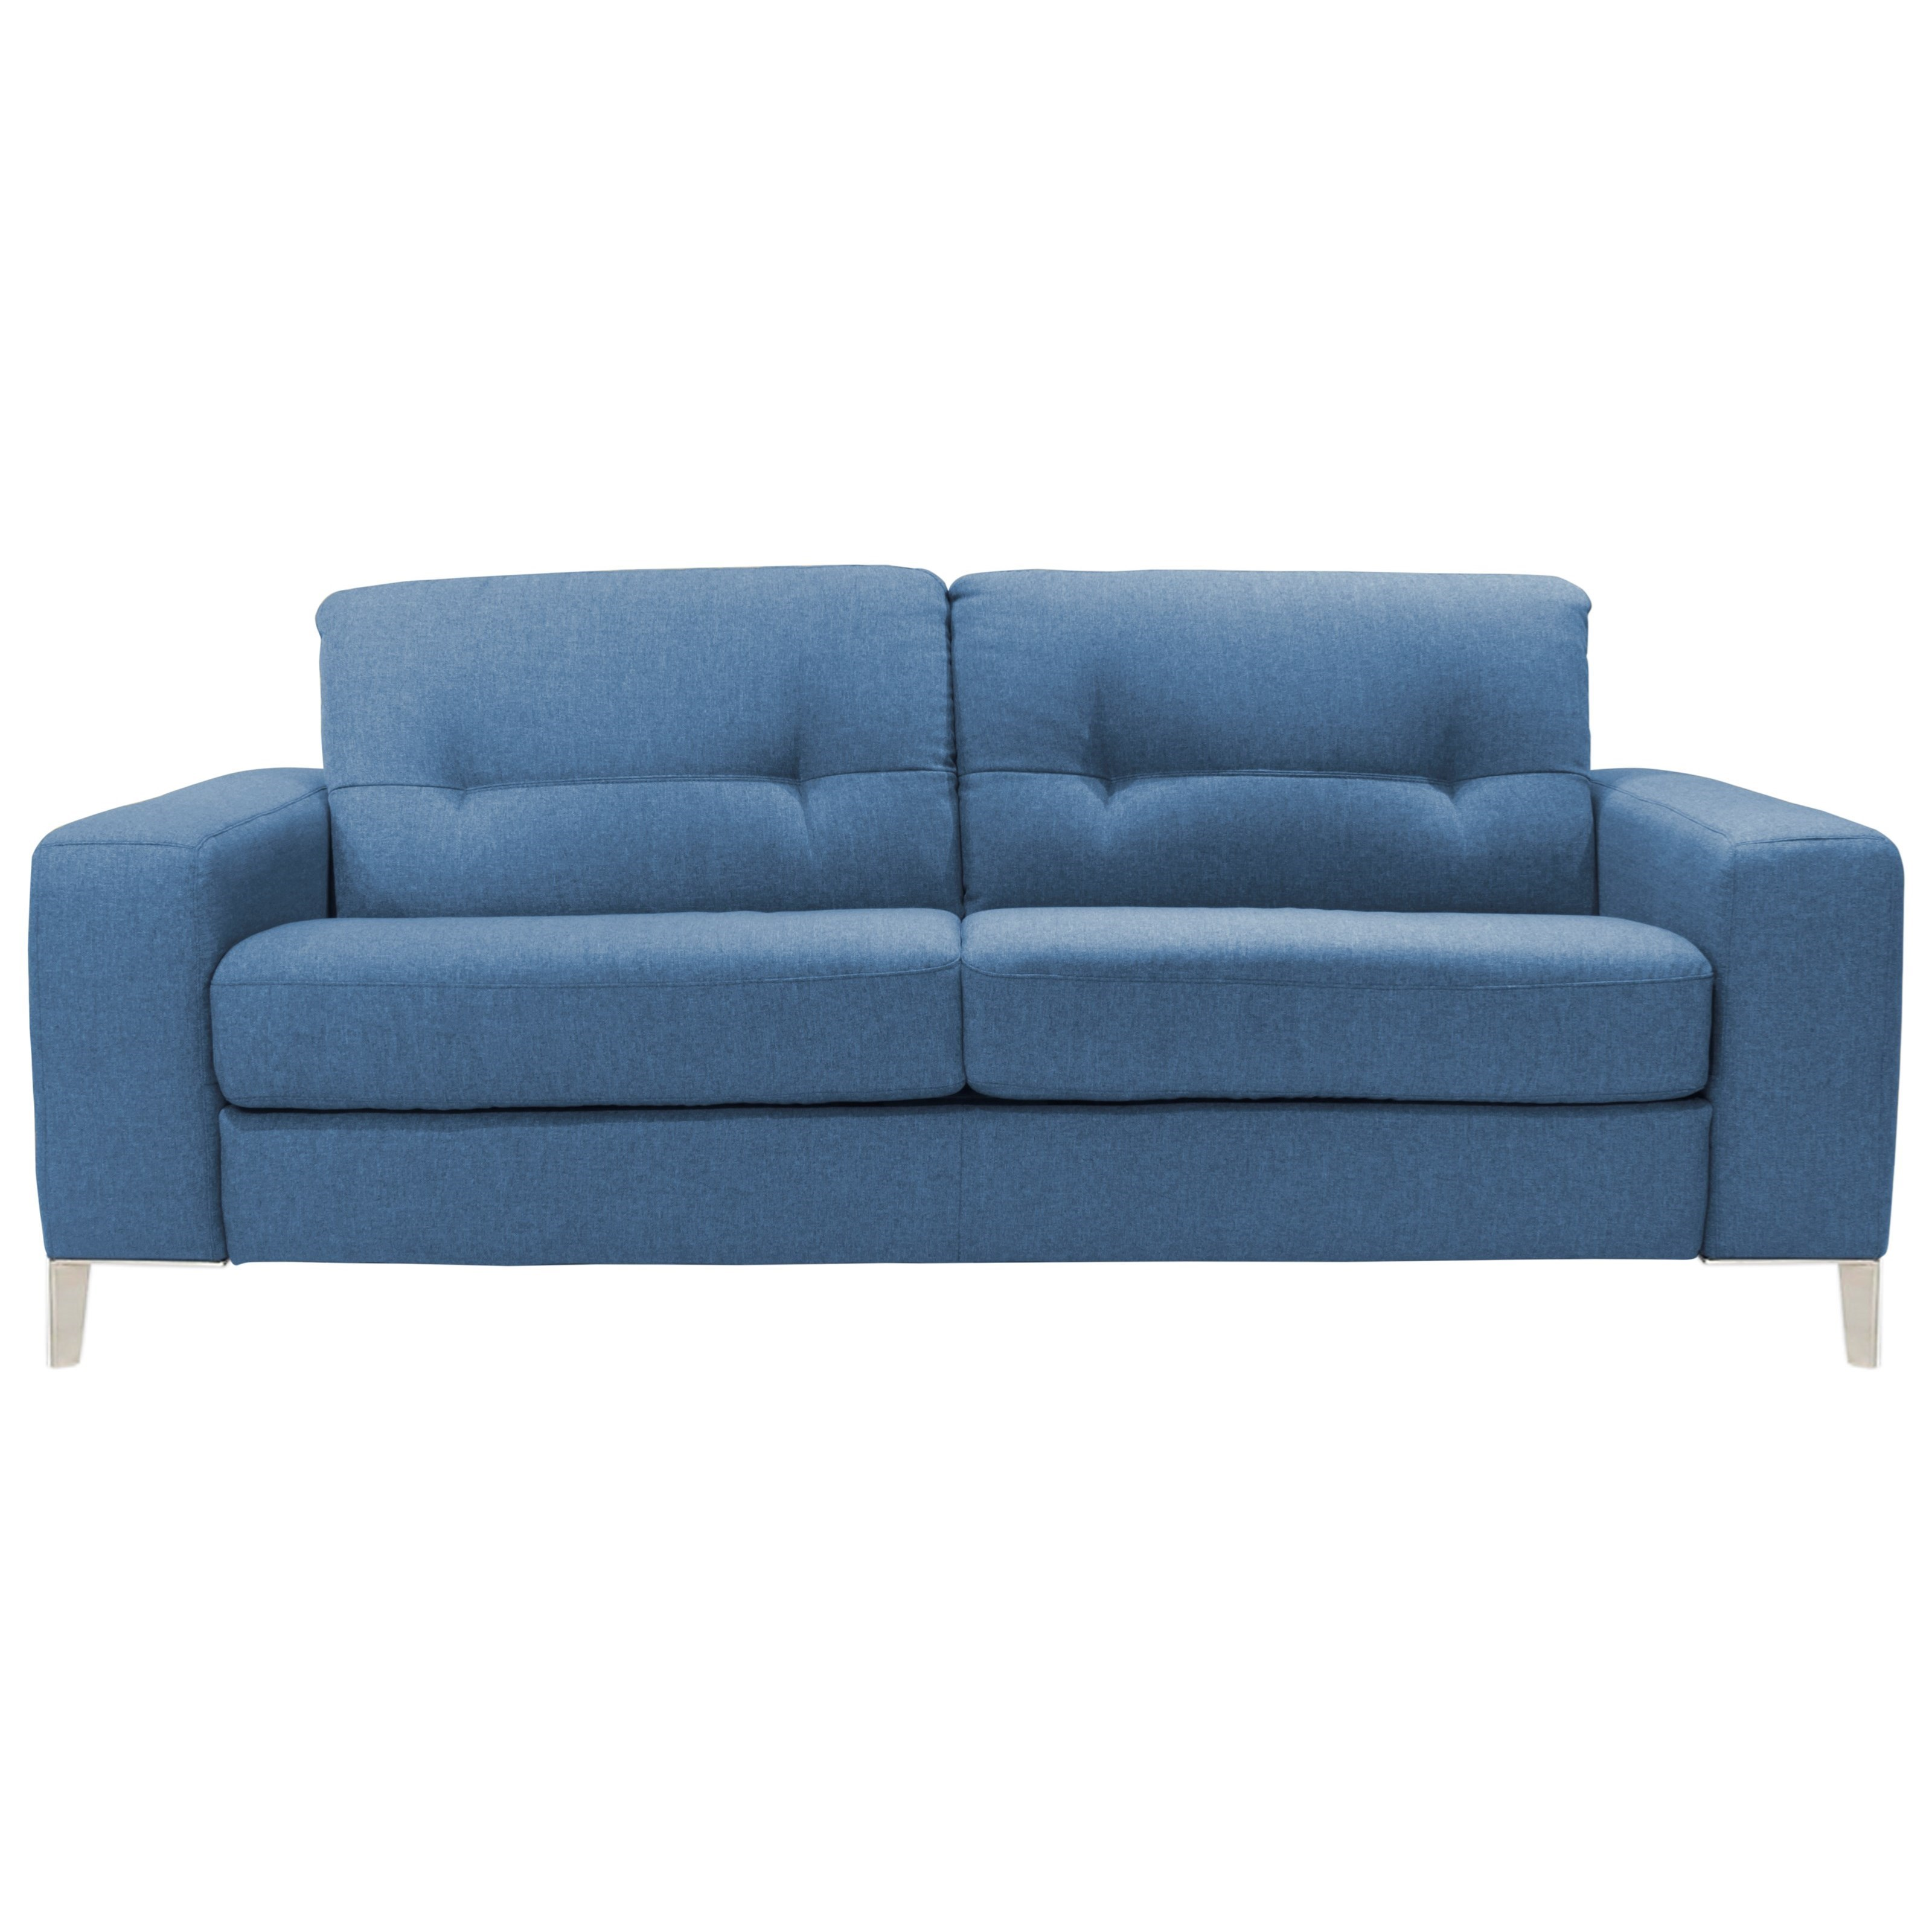 - Natuzzi Editions Valerio Contemporary 2 Cushion Sleeper Sofa With